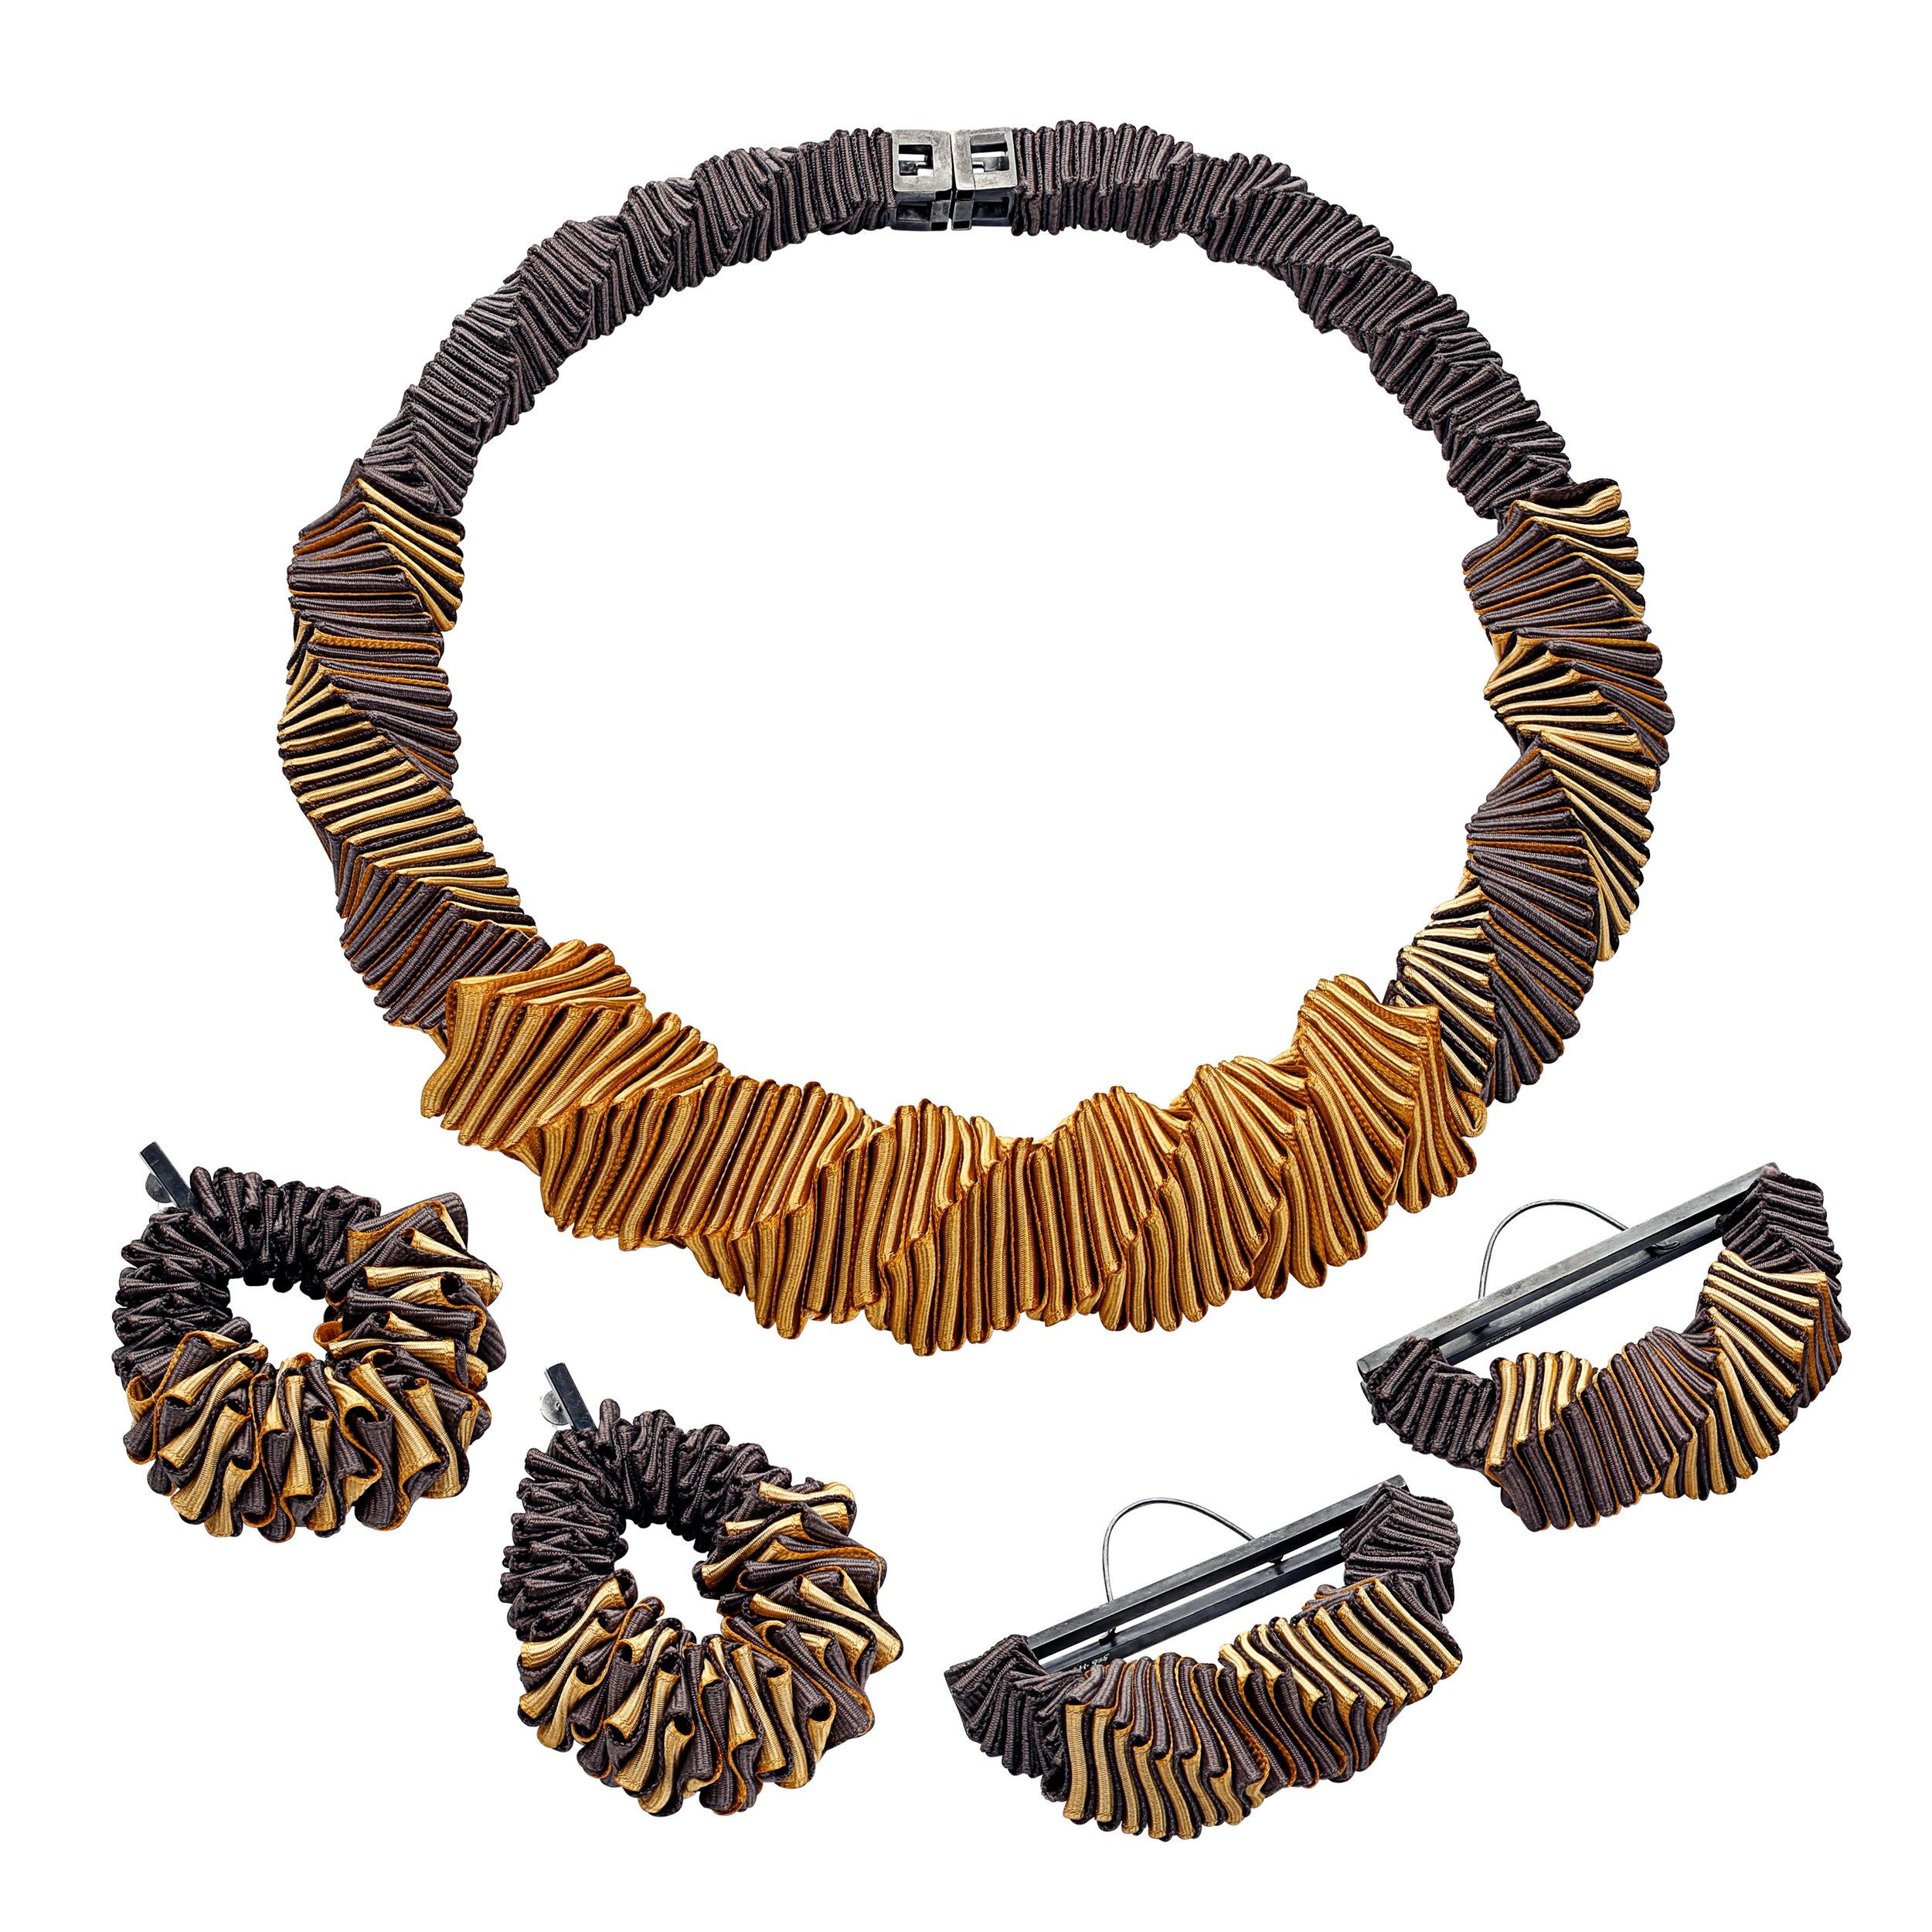 Alternative Metals/Materials